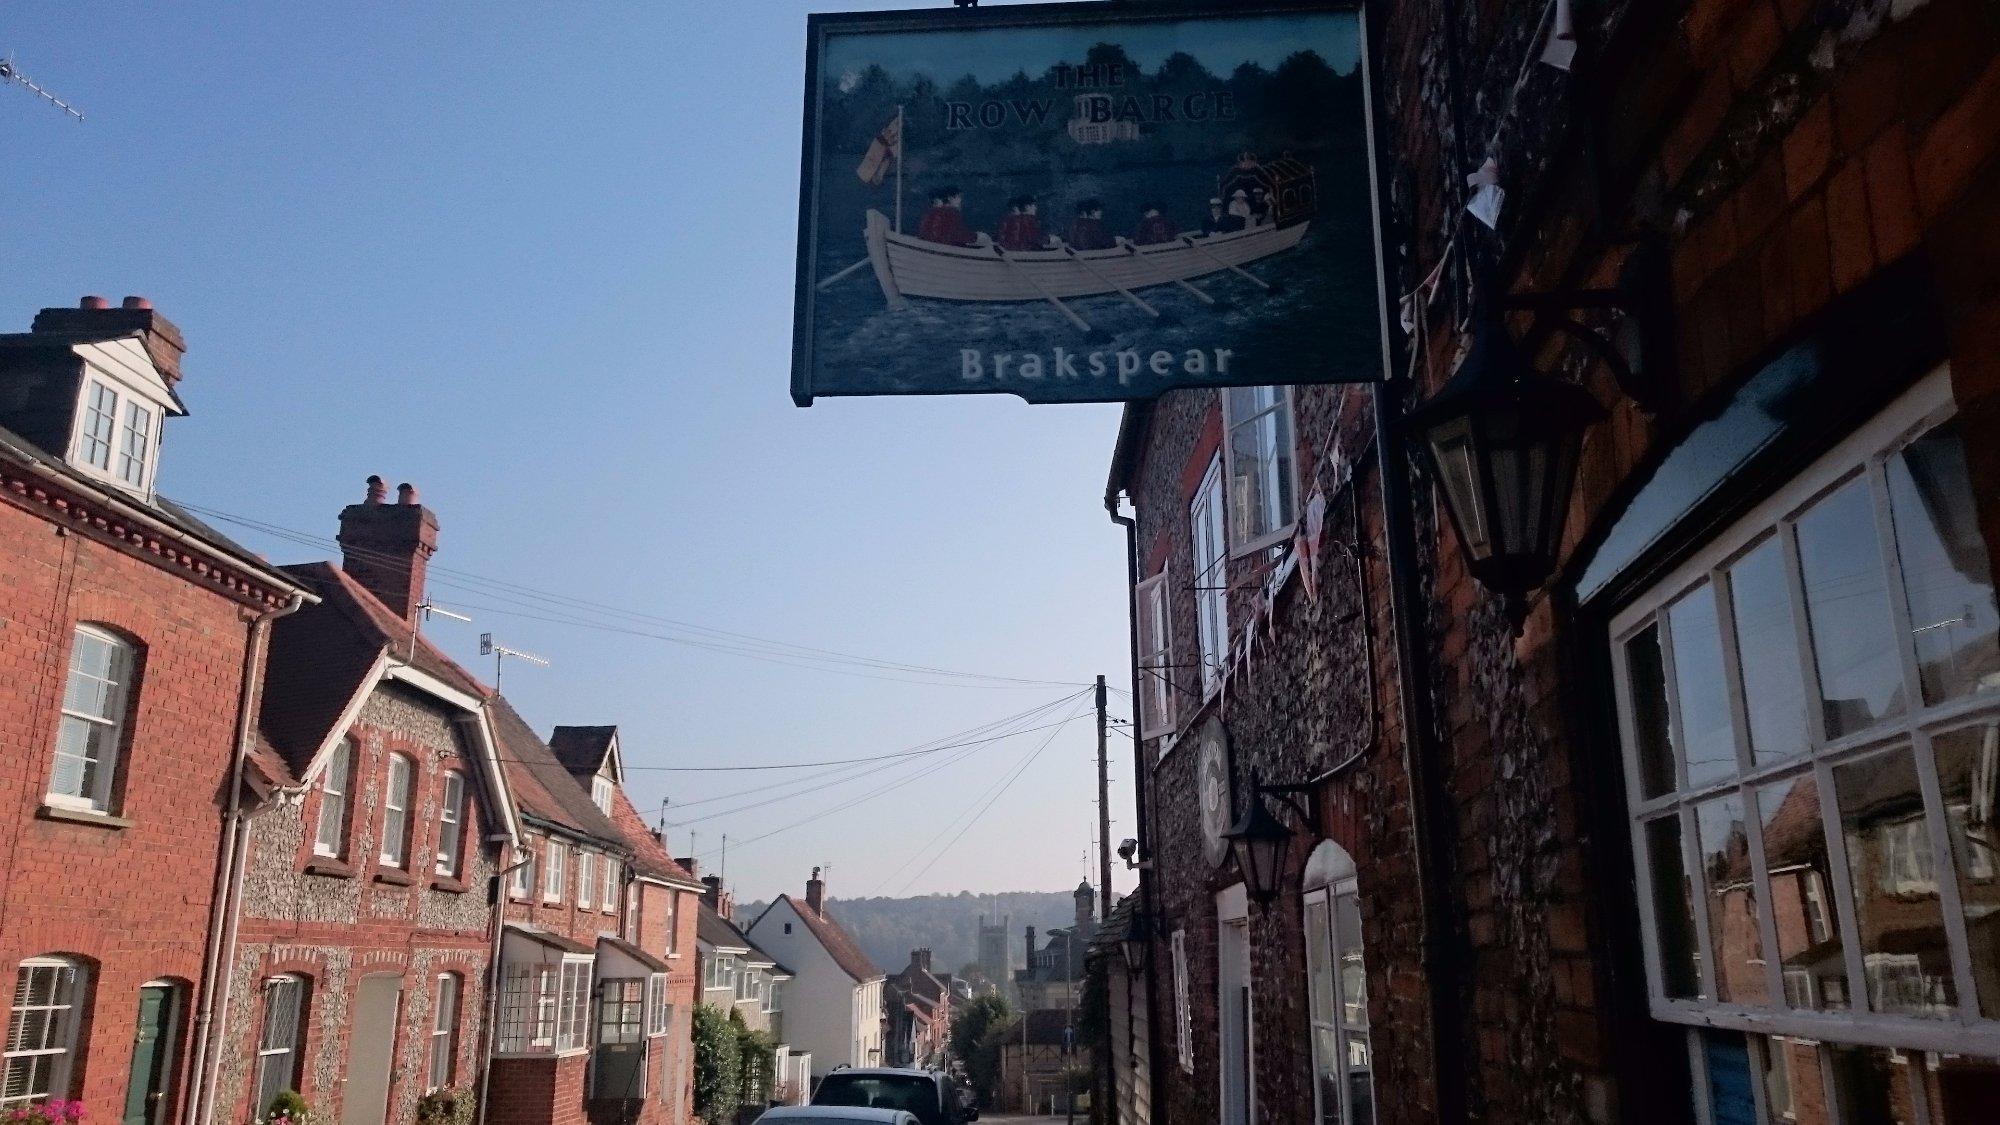 The Row Barge Inn